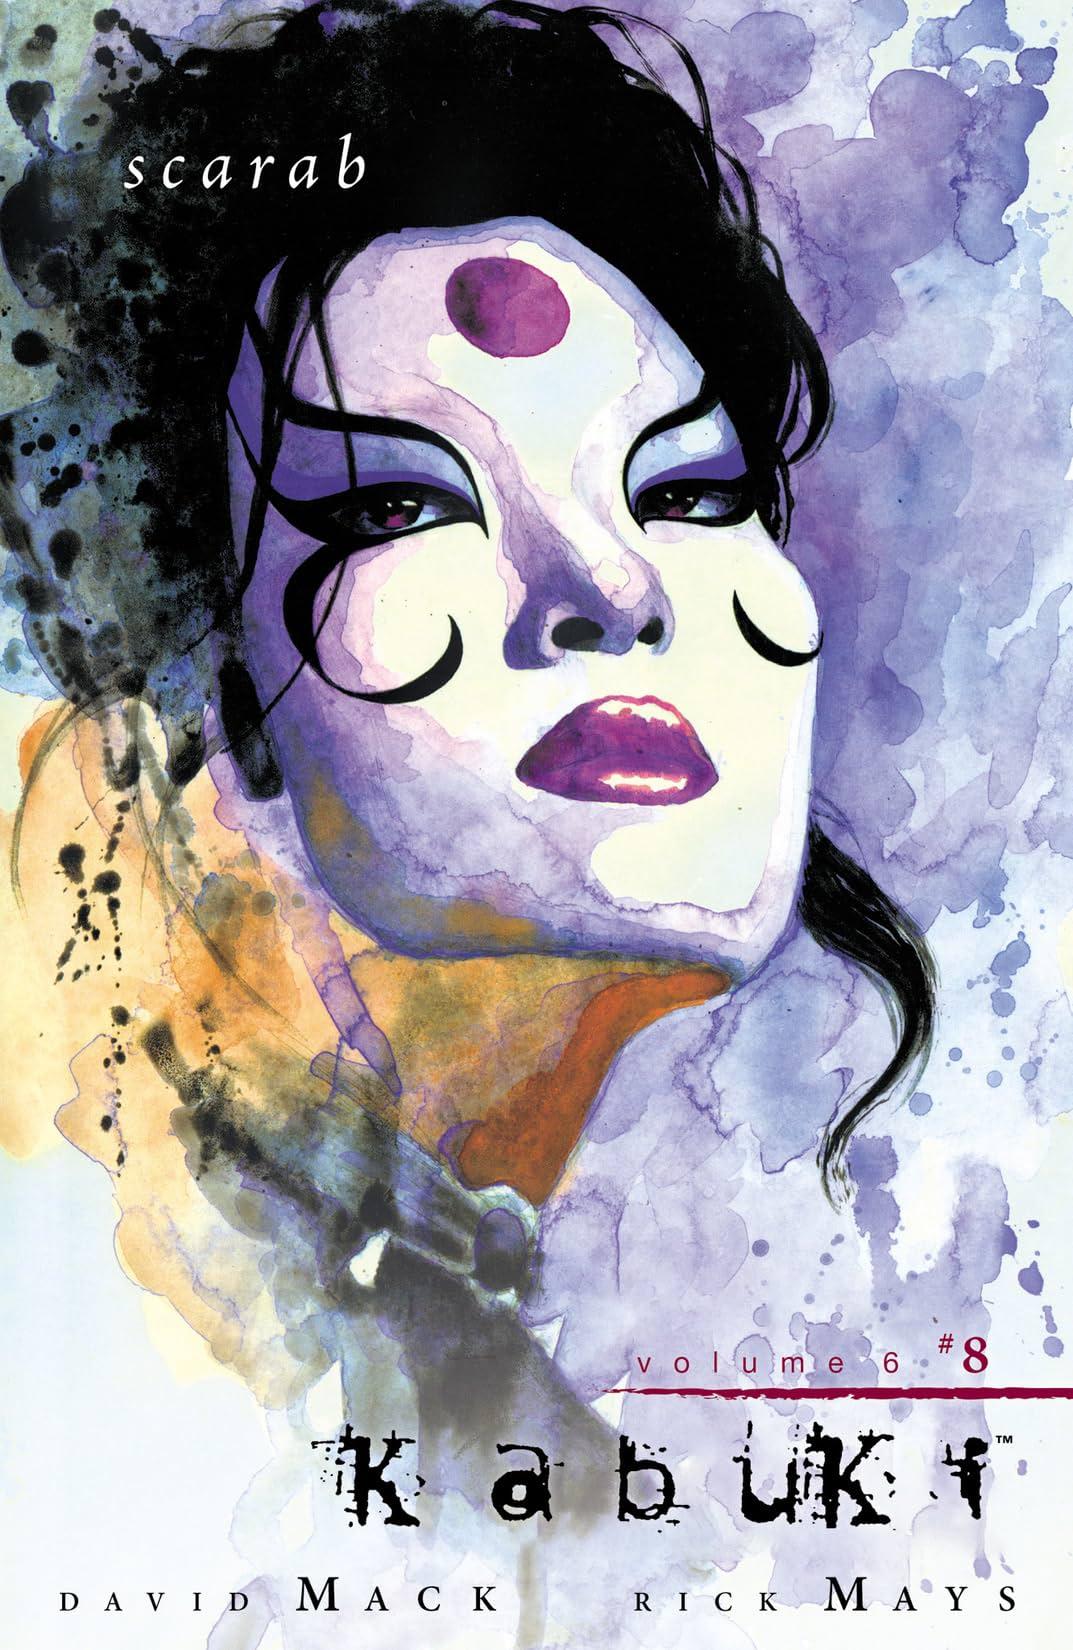 Kabuki vol. 6 #8